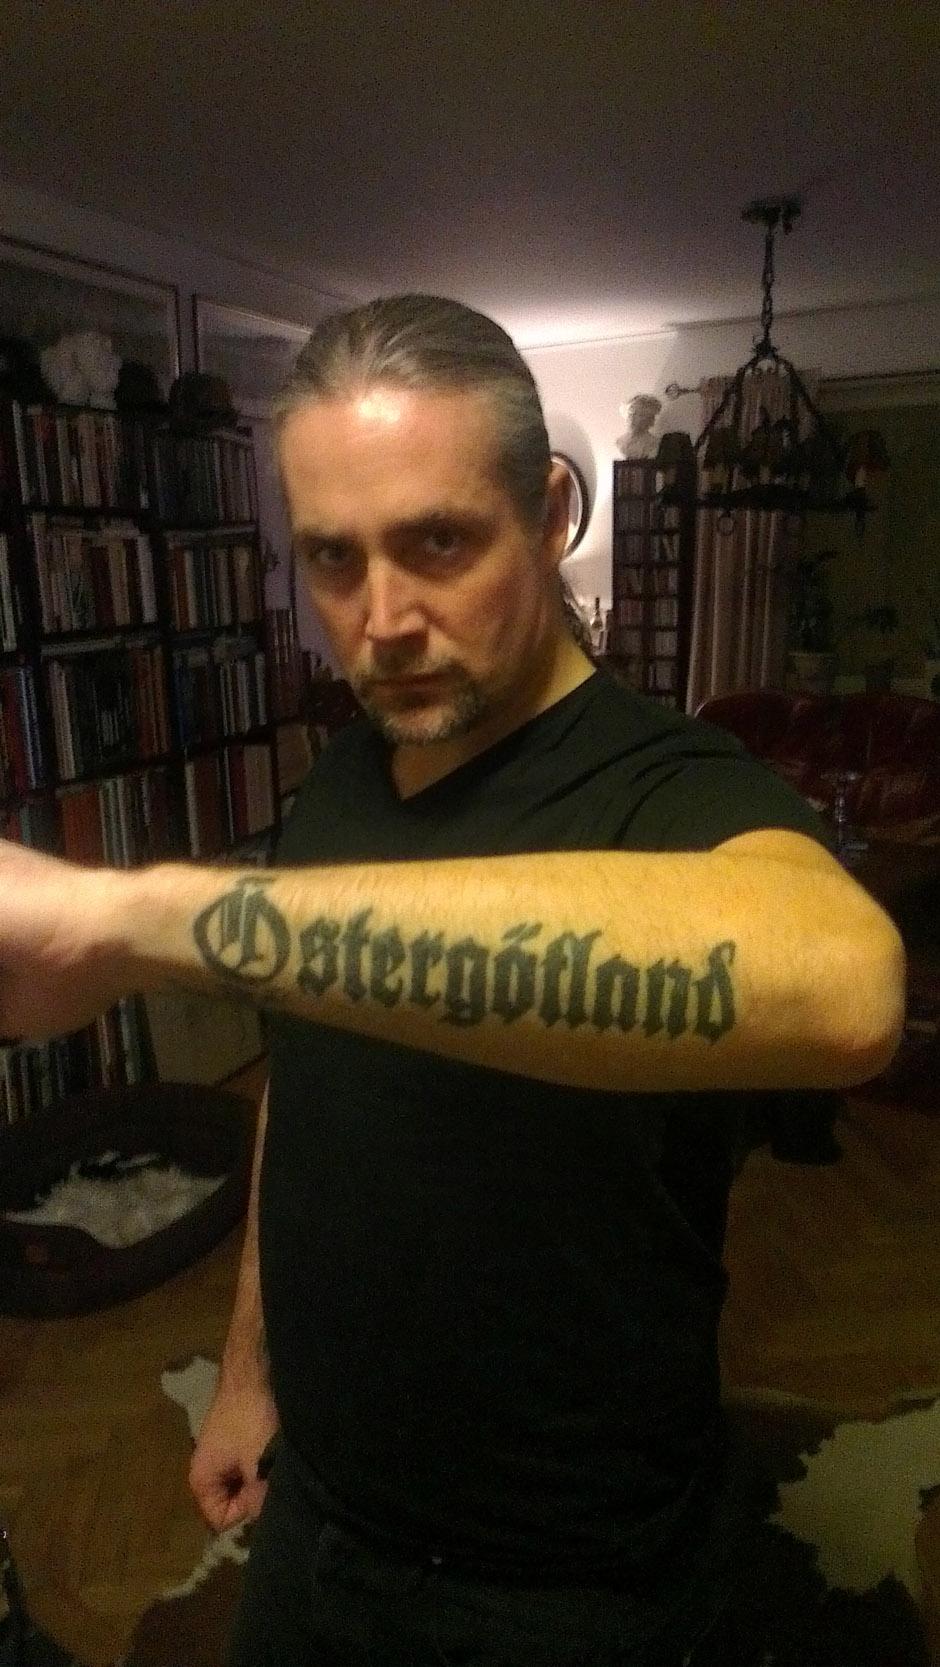 Die Tattoos von Morgan Hakansson (Marduk)